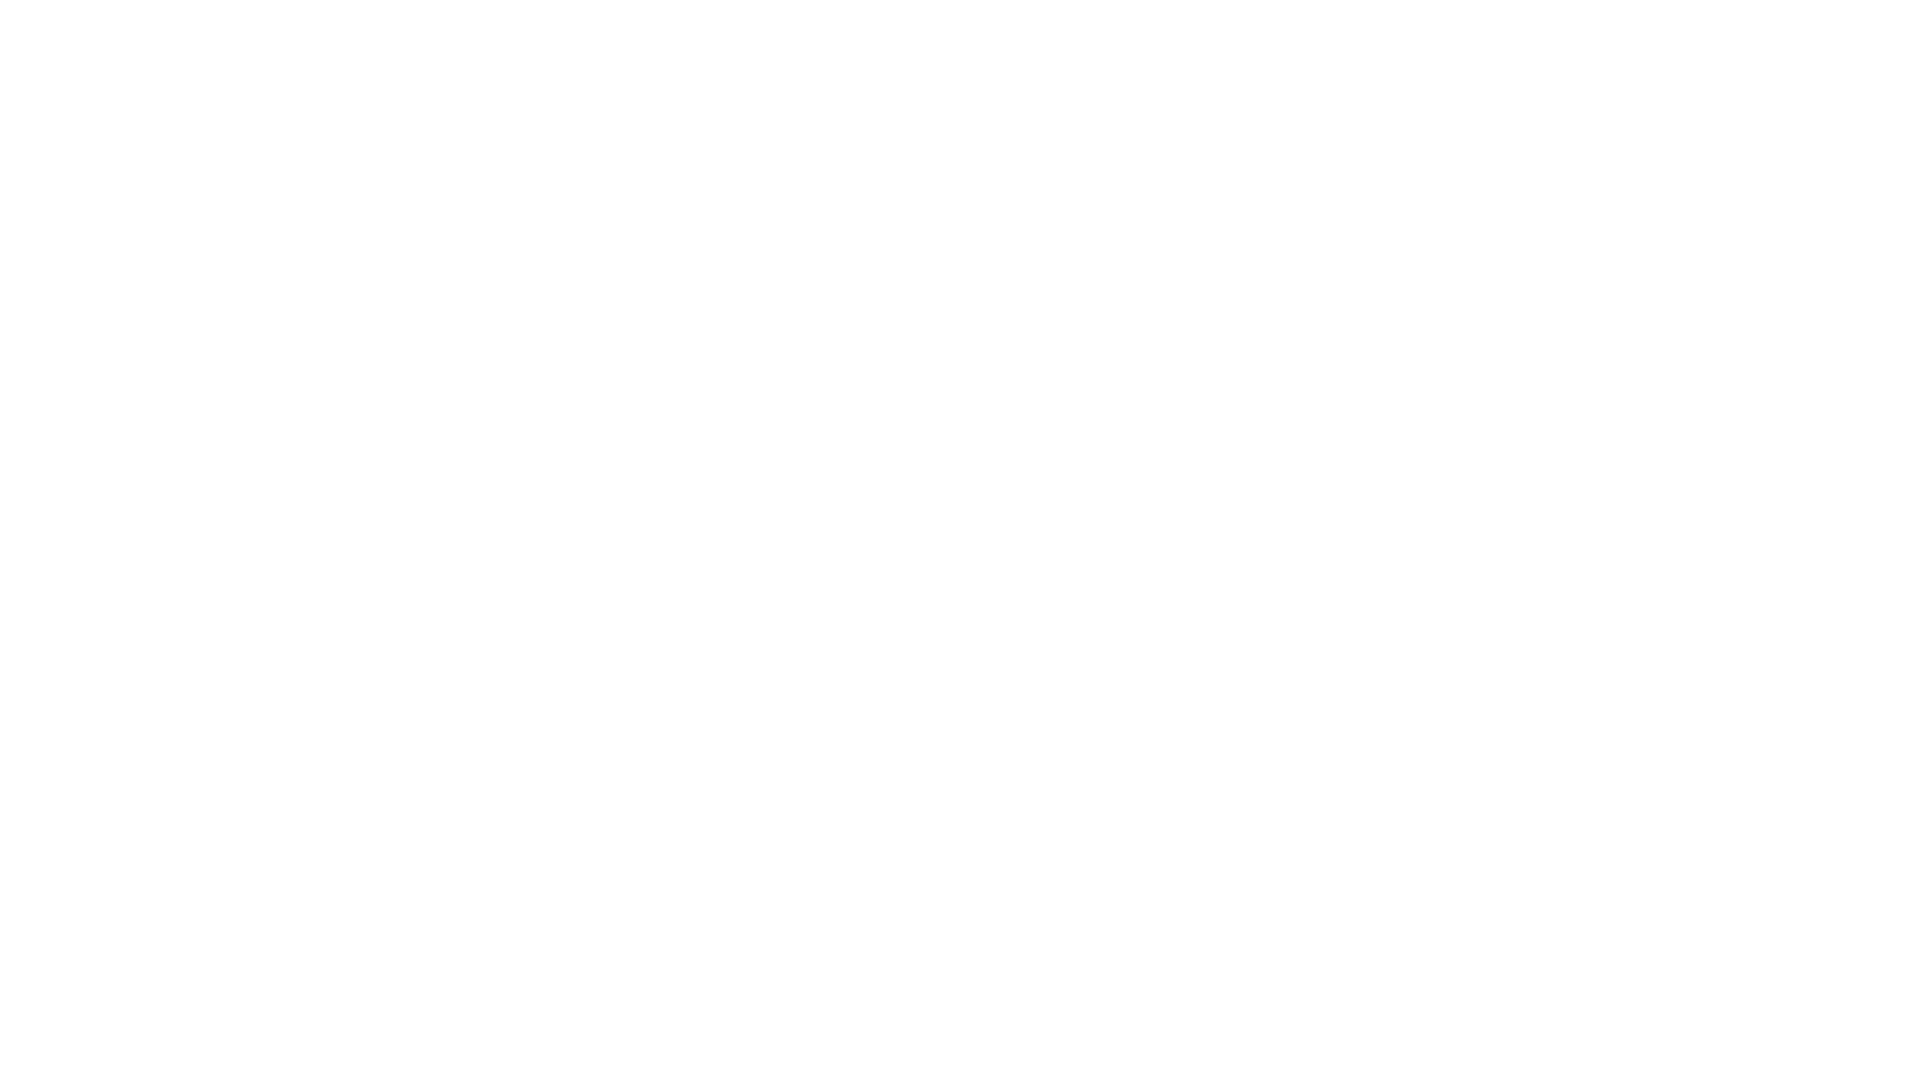 Ivy League Advisory Group